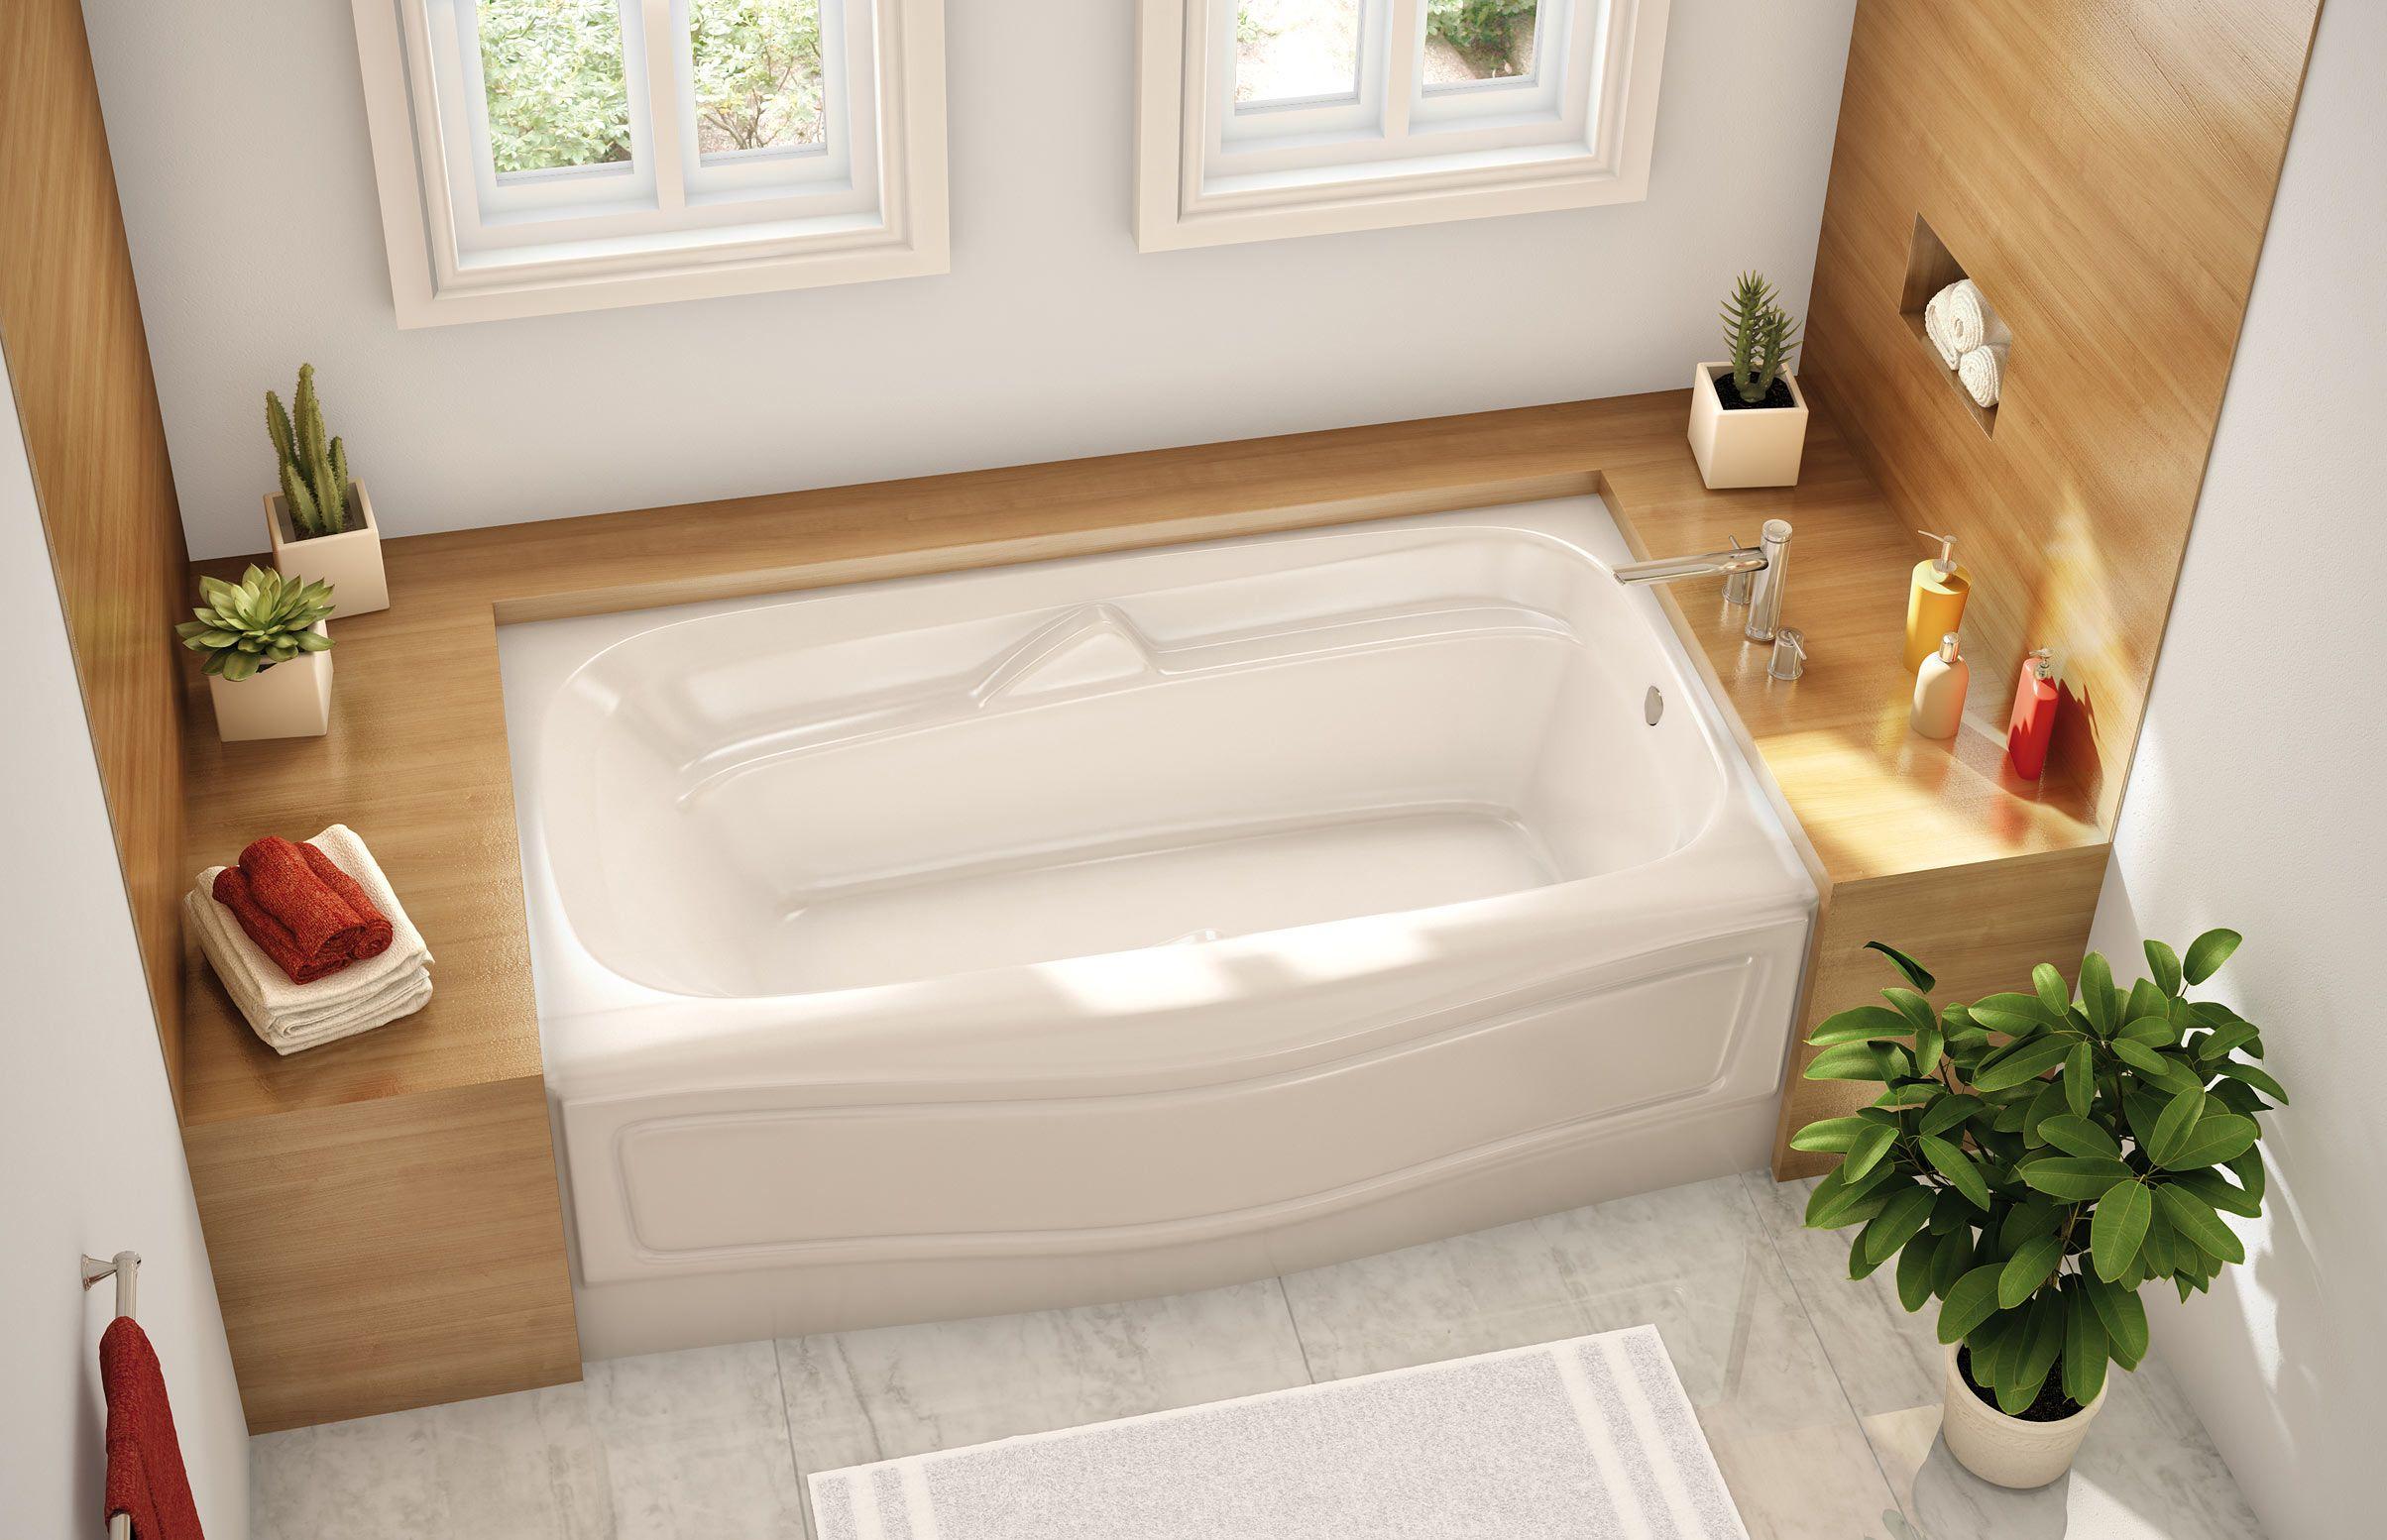 bathtub   Bathtub-ACA-1.jpg   Bathroom remodel   Pinterest ...